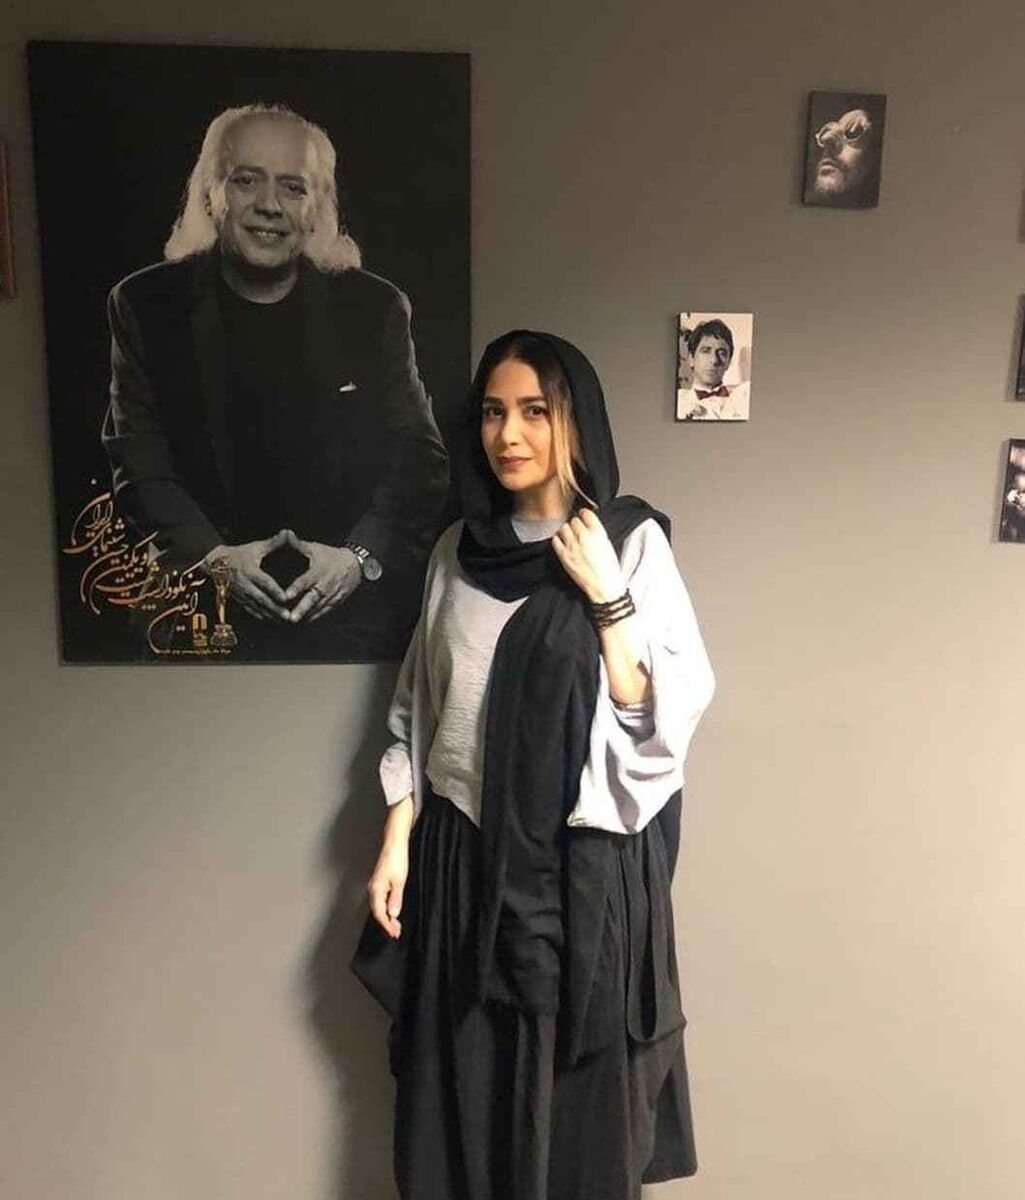 (عکس) ادعای جنجالی درباره علی انصاریان؛ او نامزد داشت!